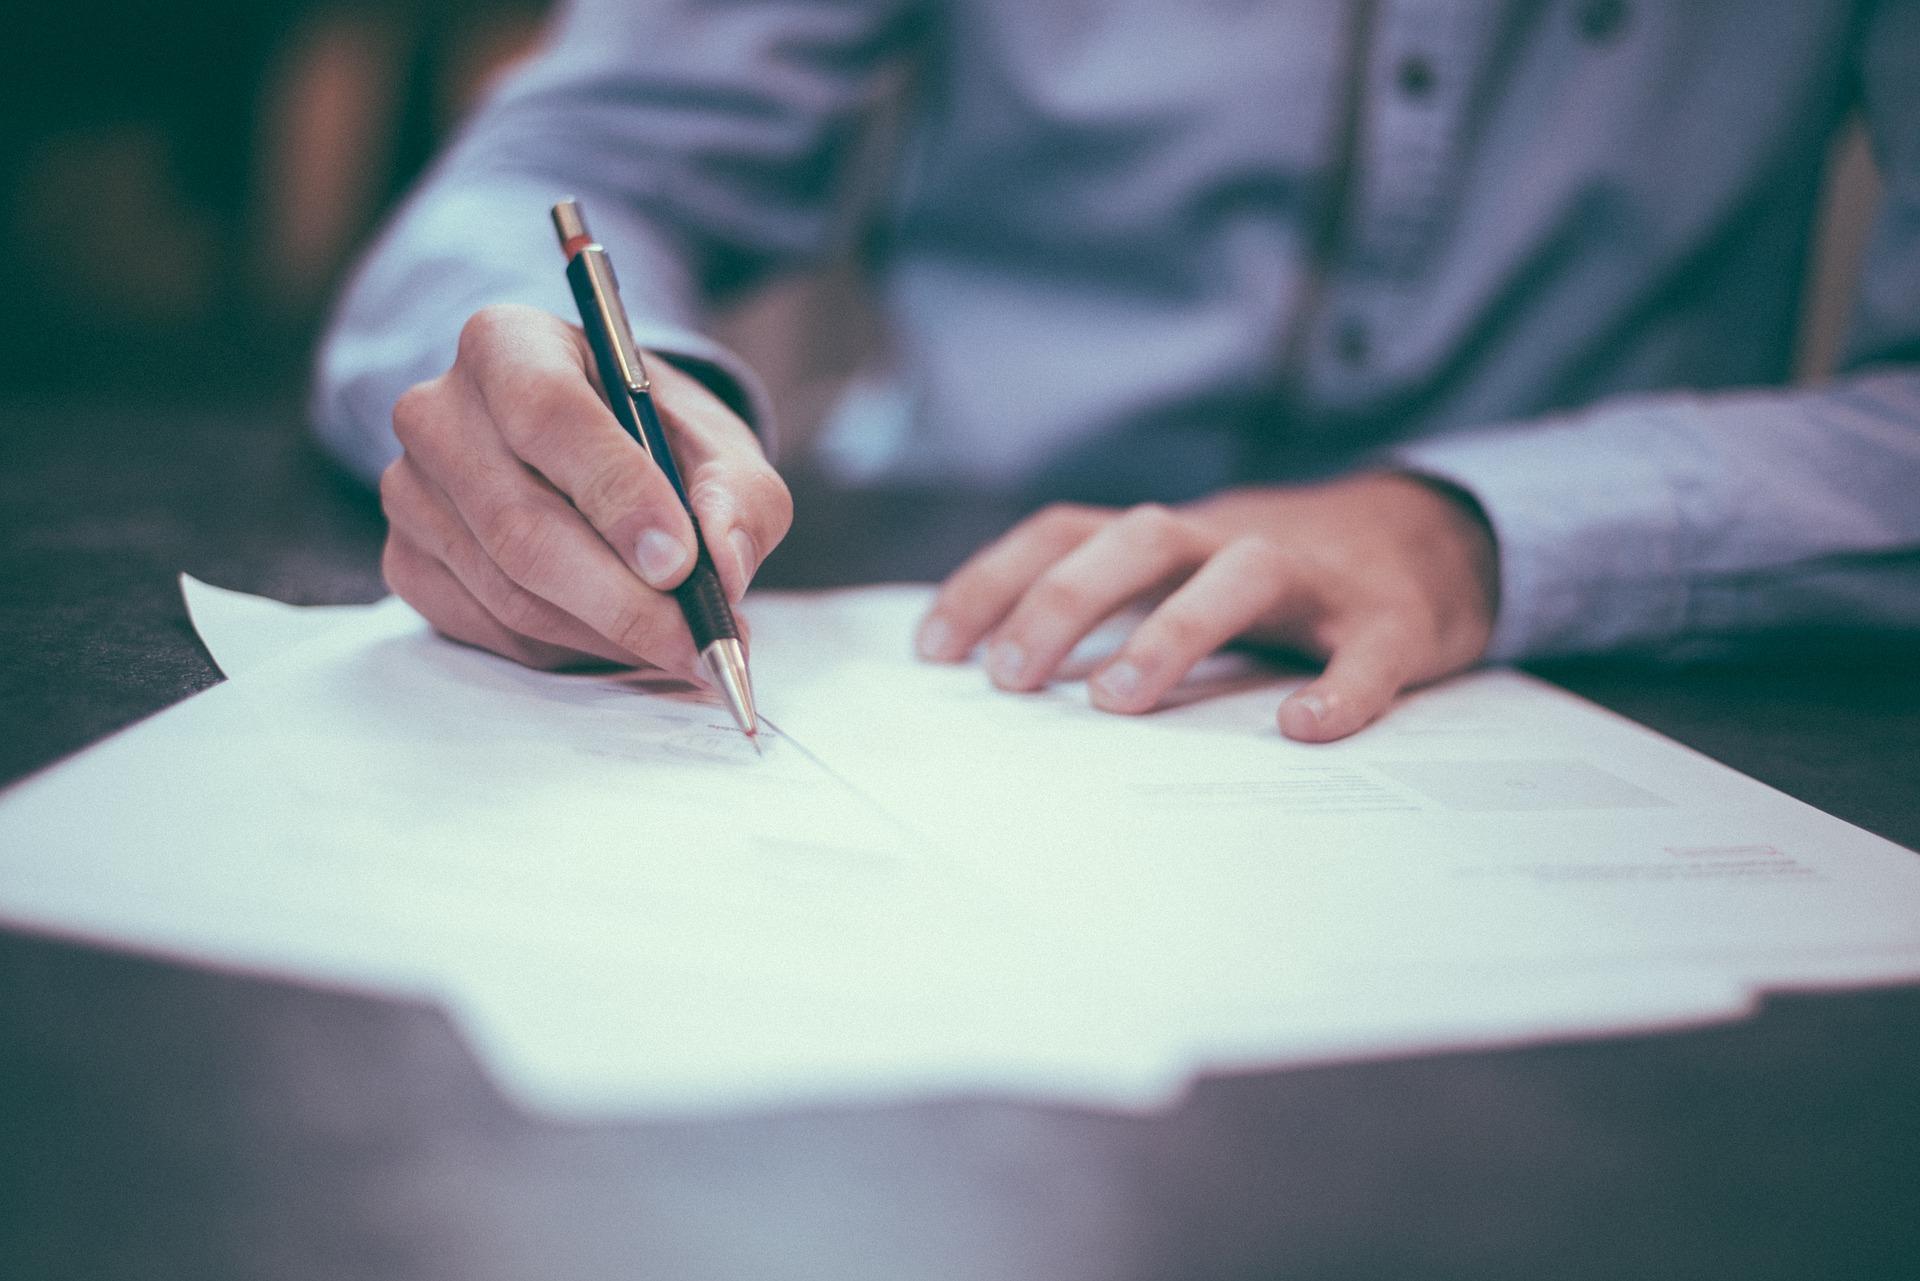 Ein Mann mit Stift unterschreibt einen Vertrag